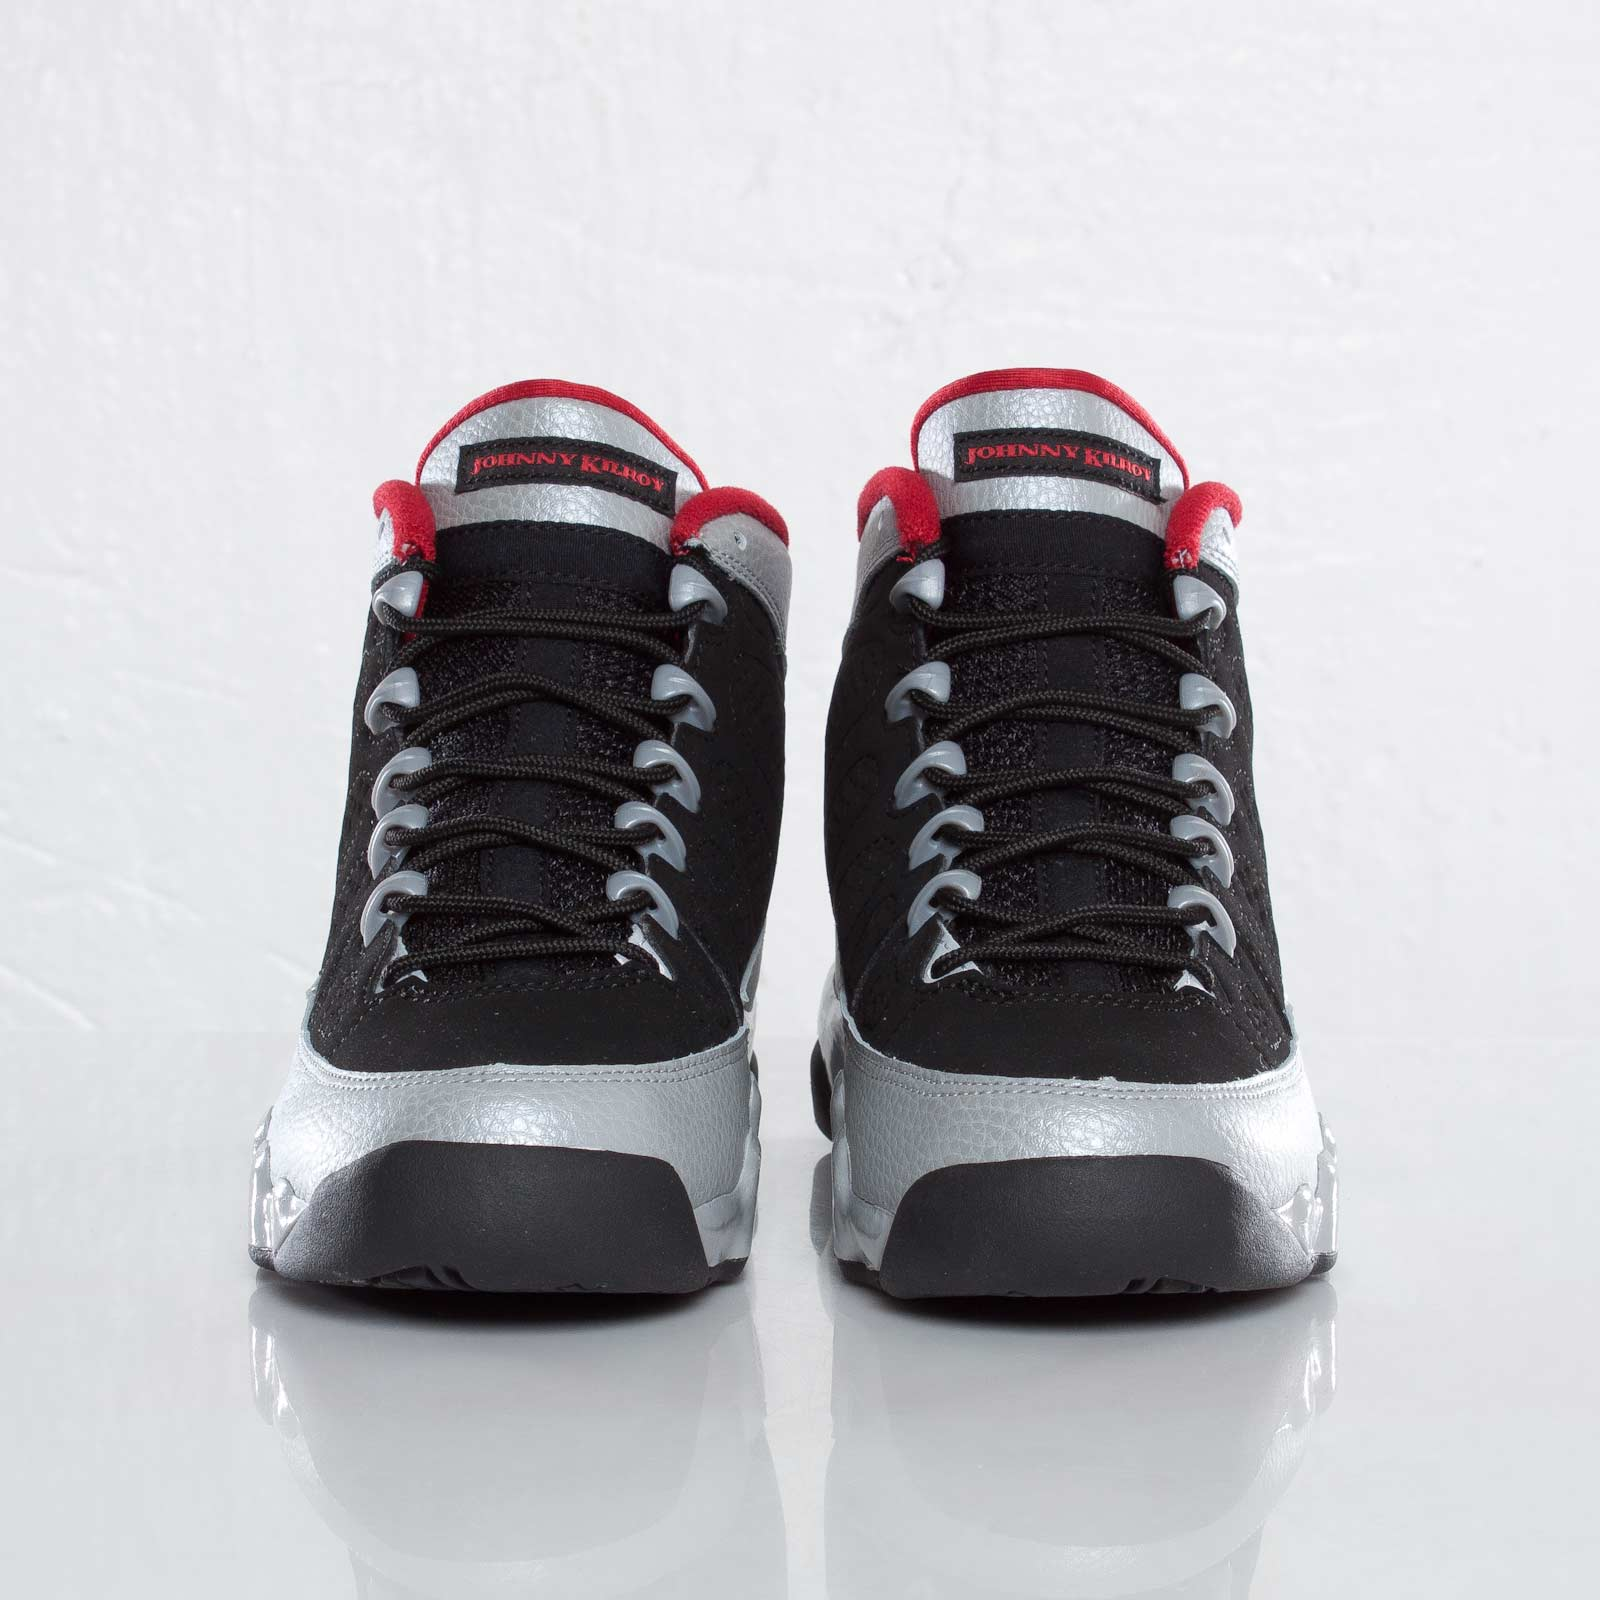 71c3c92bd106 Jordan Brand Air Jordan 9 Retro (GS) - 302359-012 - Sneakersnstuff ...